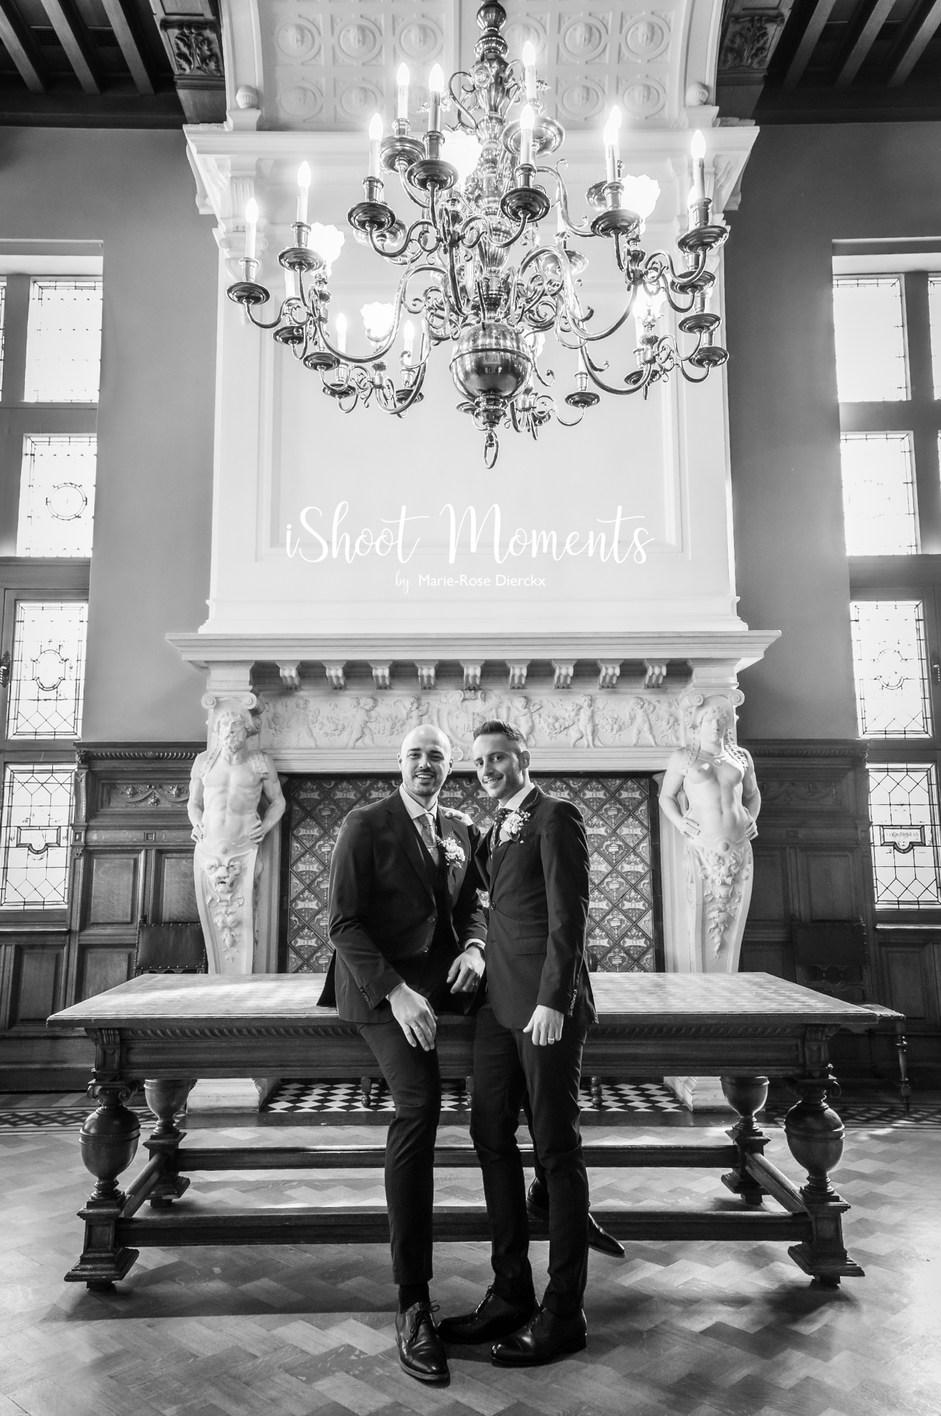 Huwelijk, 2 mannen